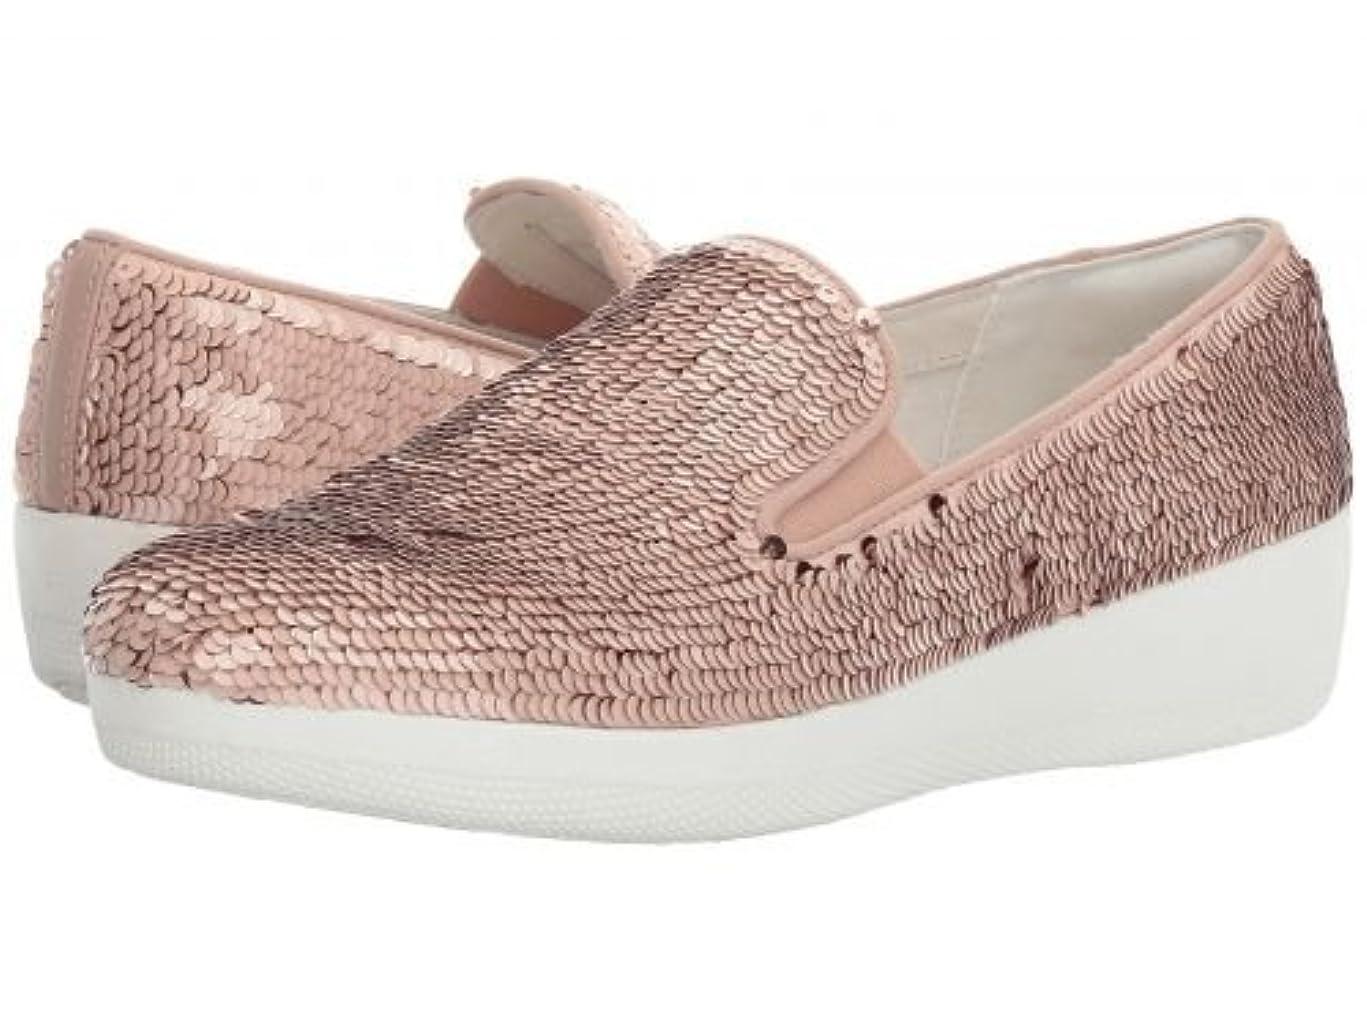 物質保存する非公式FitFlop(フィットフロップ) レディース 女性用 シューズ 靴 スニーカー 運動靴 Superskate w/Sequins - Nude [並行輸入品]